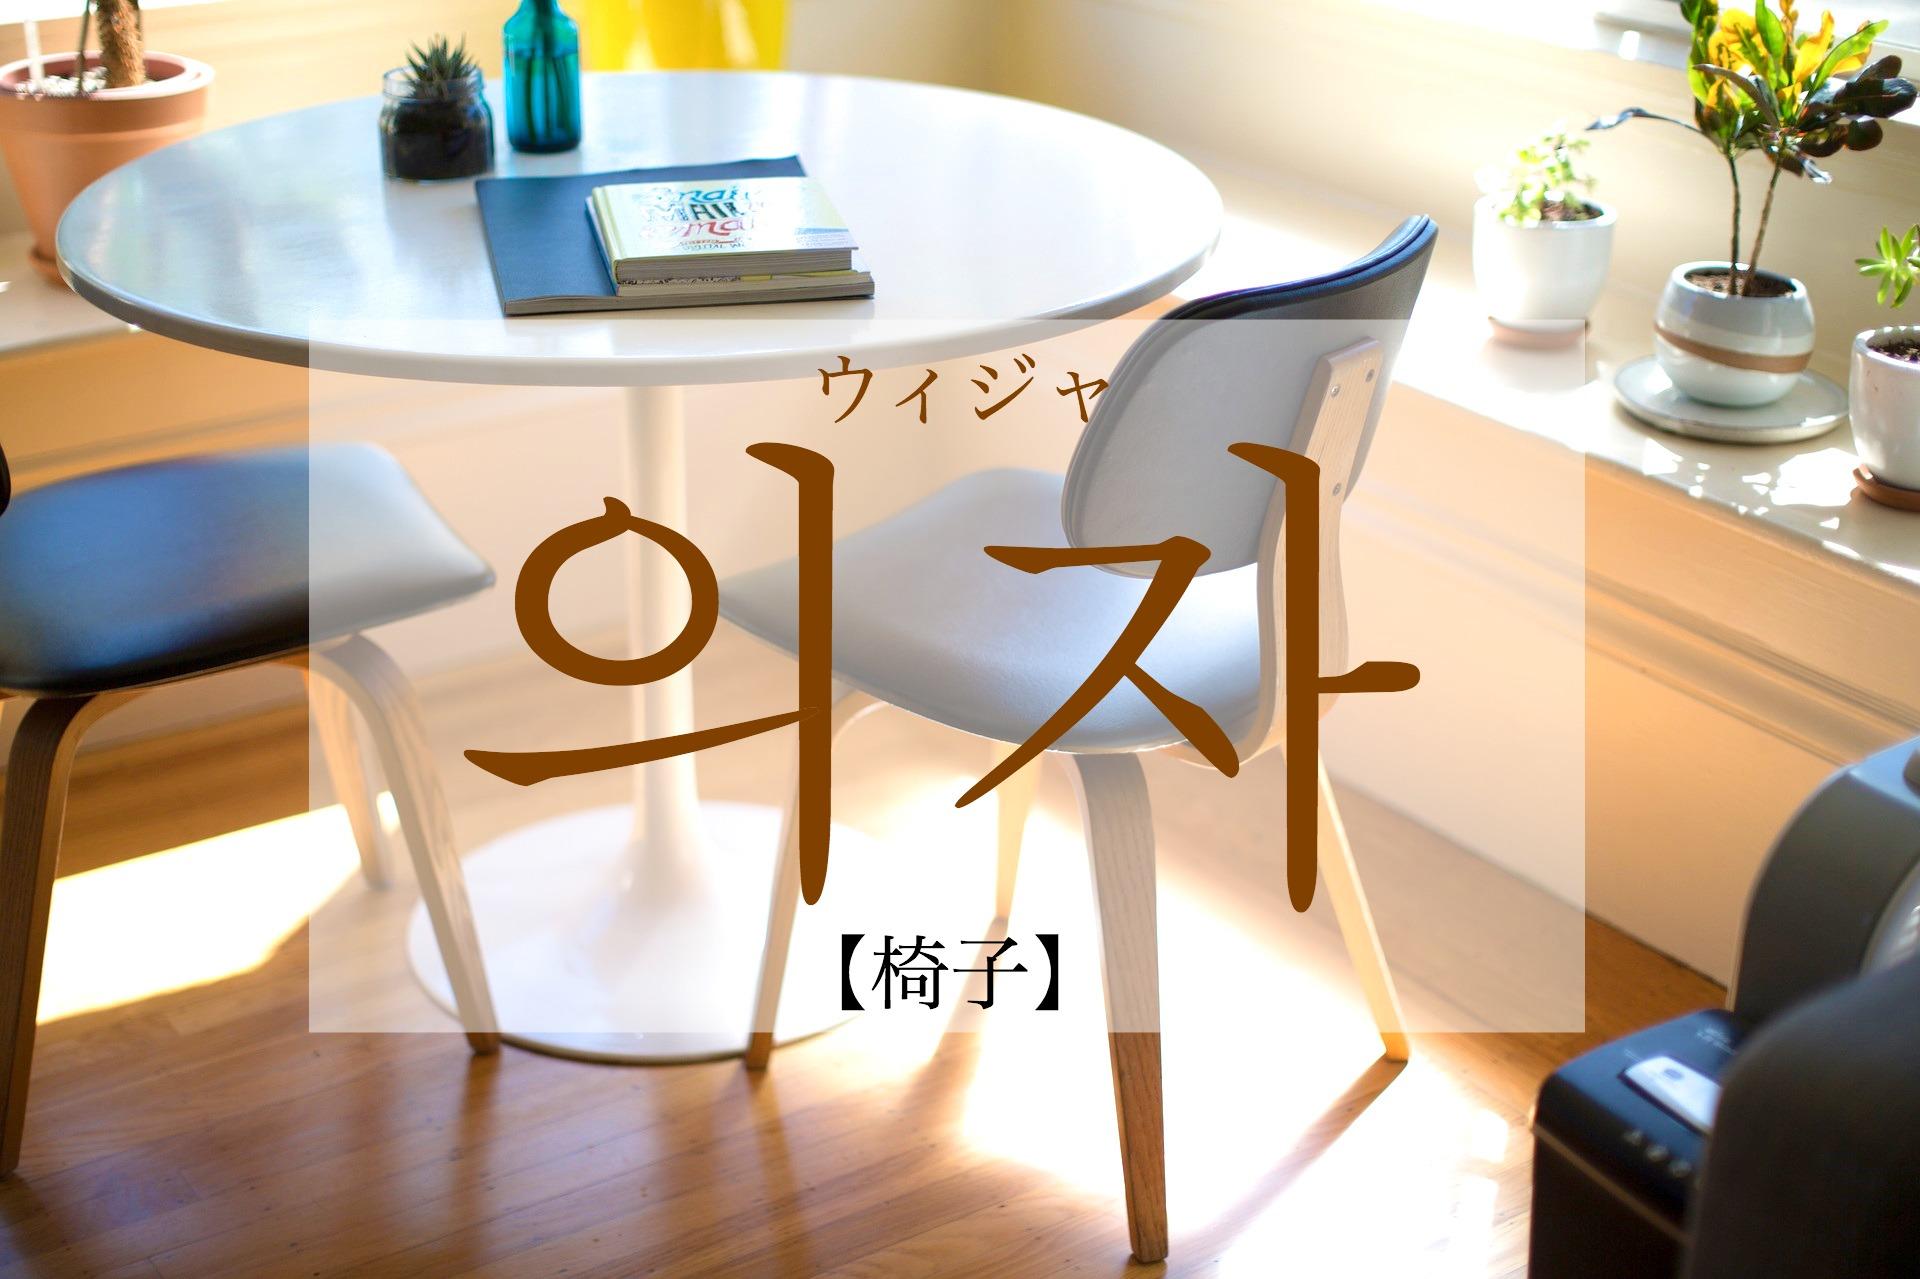 koreanword-chair